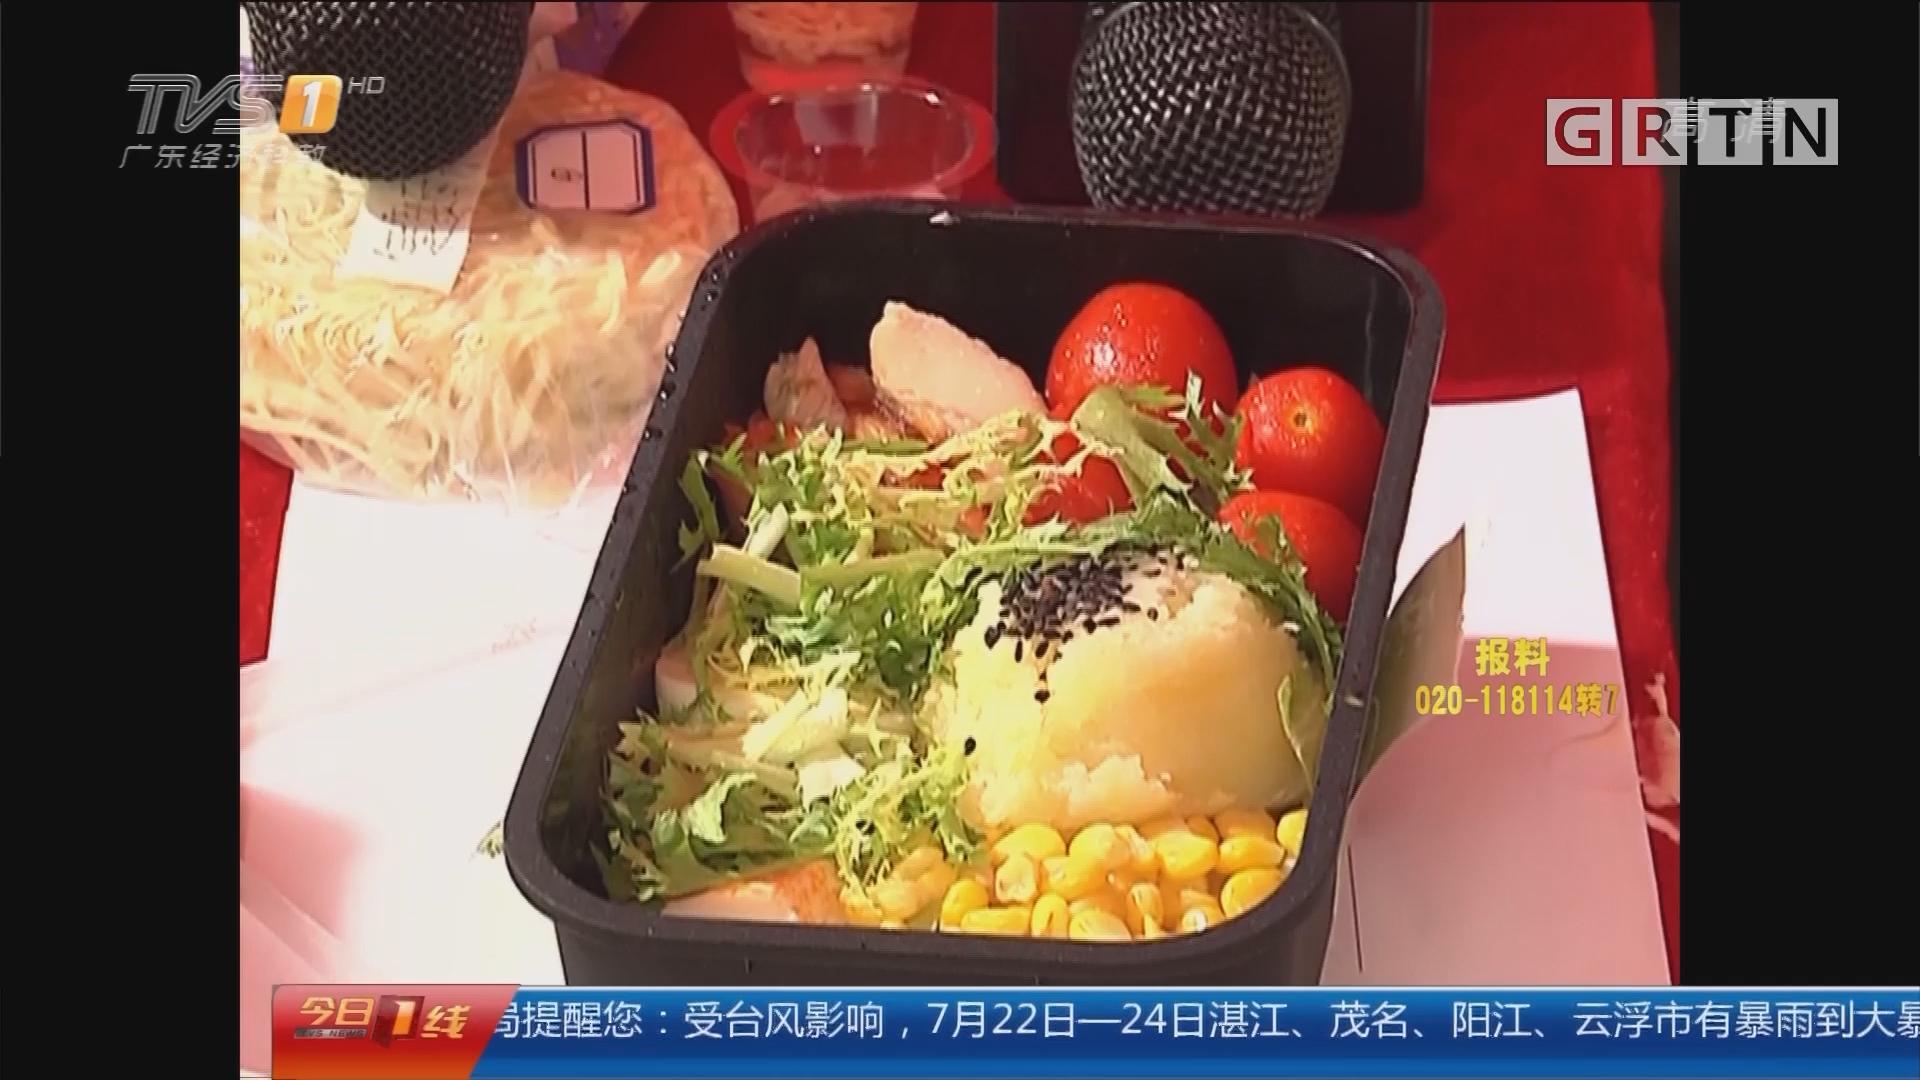 广州:外卖食品安全 神秘买家网络订餐 检测快餐安全